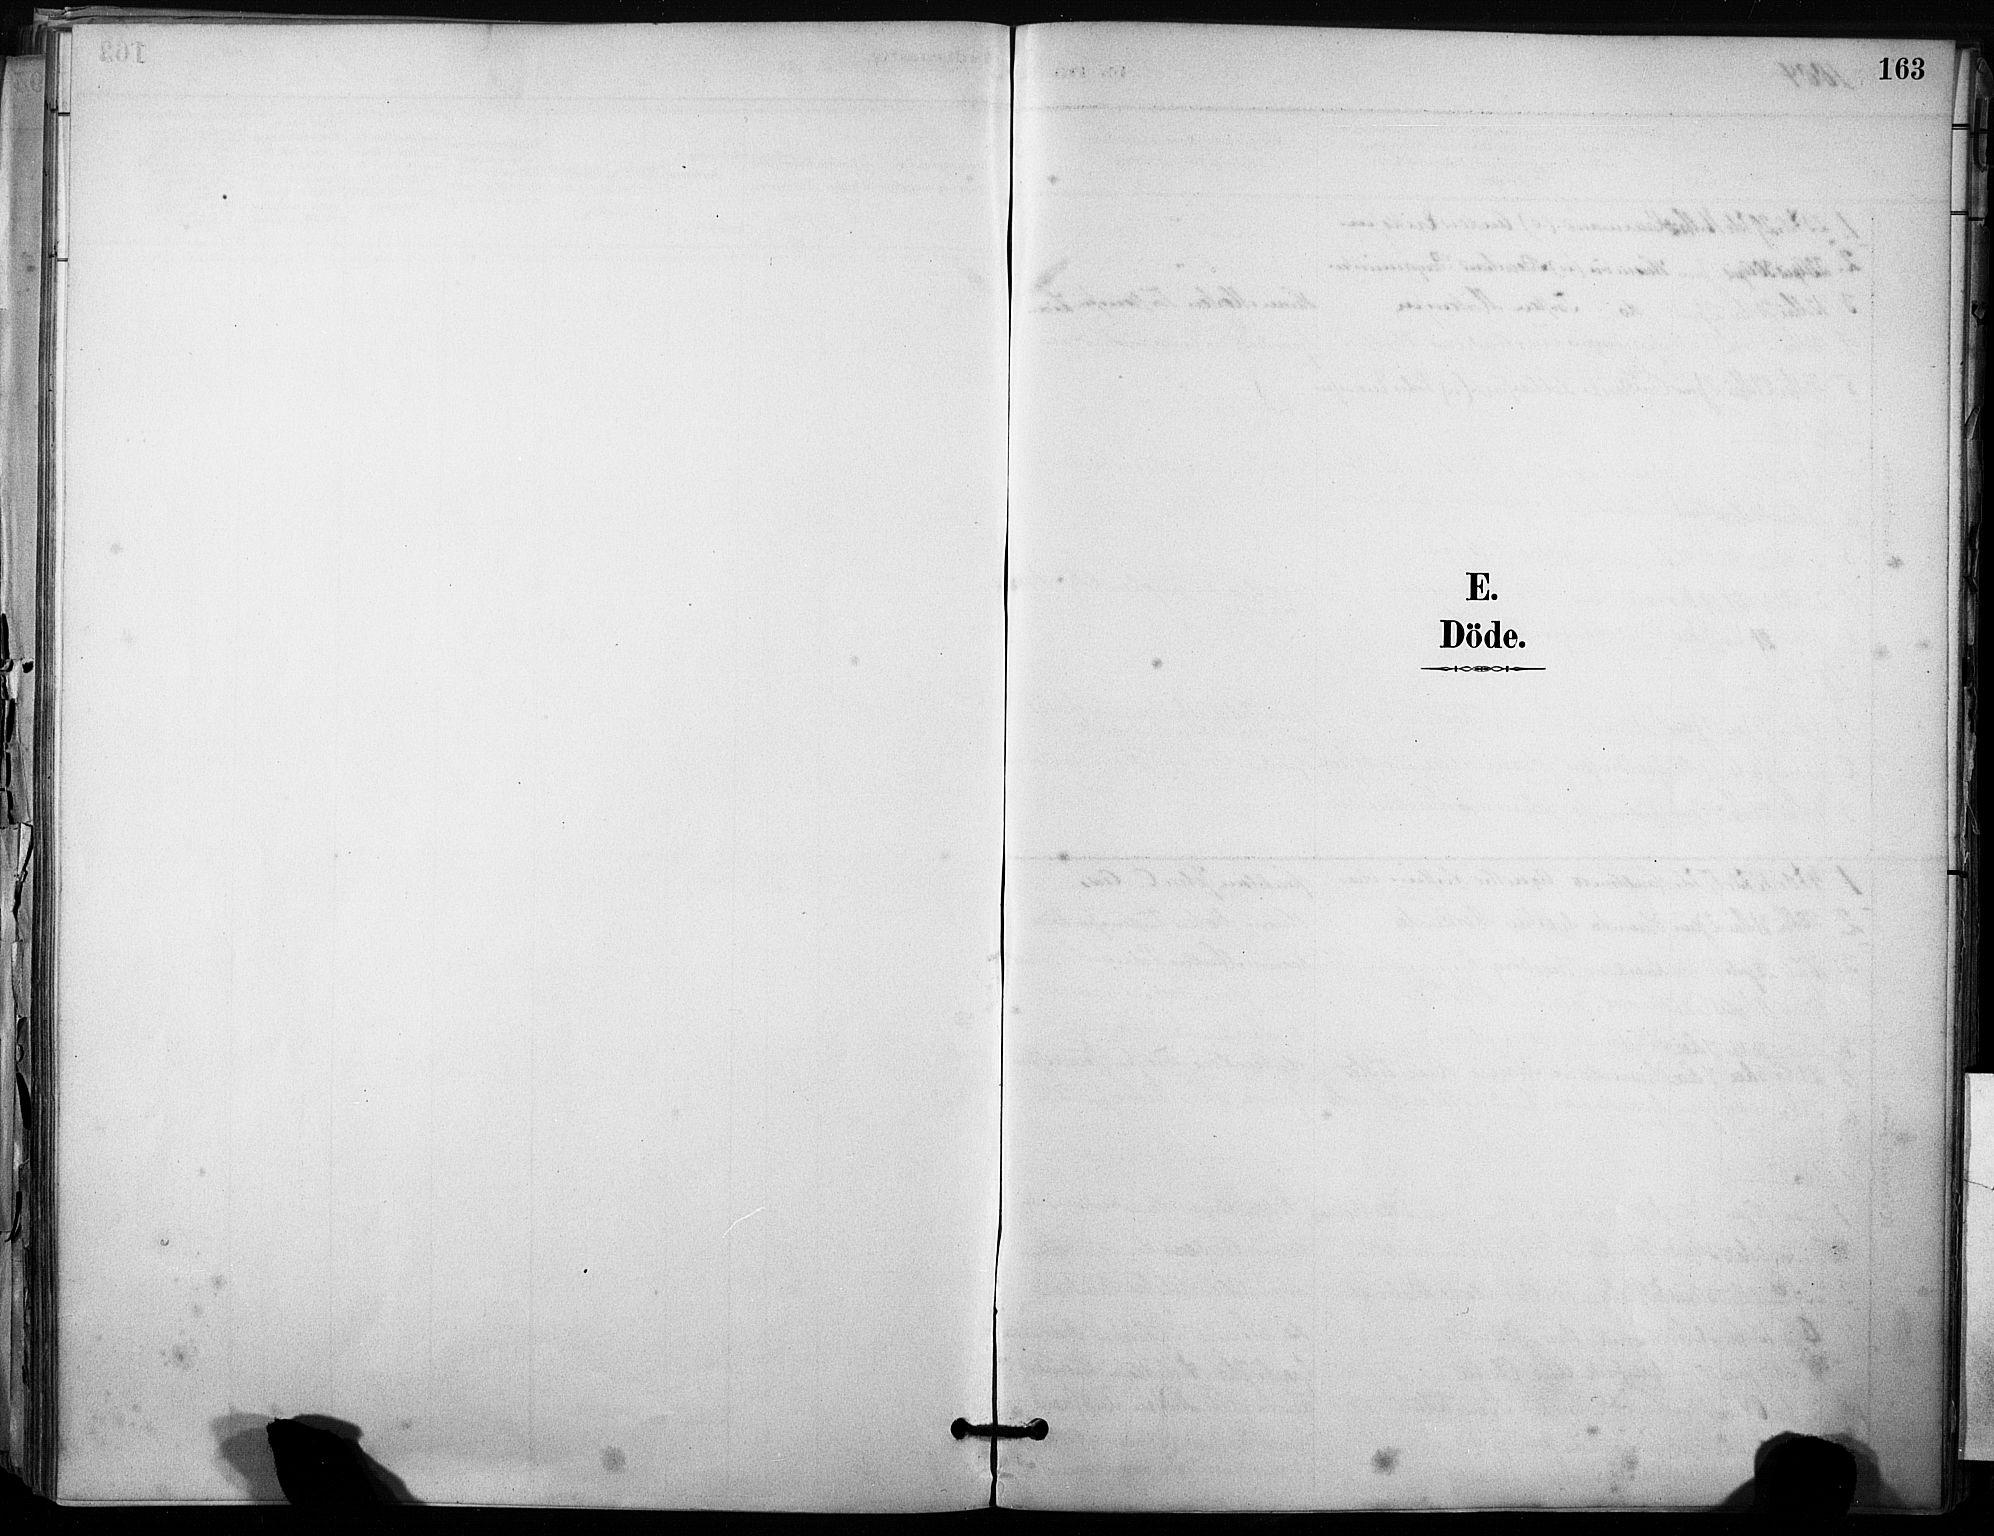 SAT, Ministerialprotokoller, klokkerbøker og fødselsregistre - Sør-Trøndelag, 633/L0518: Ministerialbok nr. 633A01, 1884-1906, s. 163